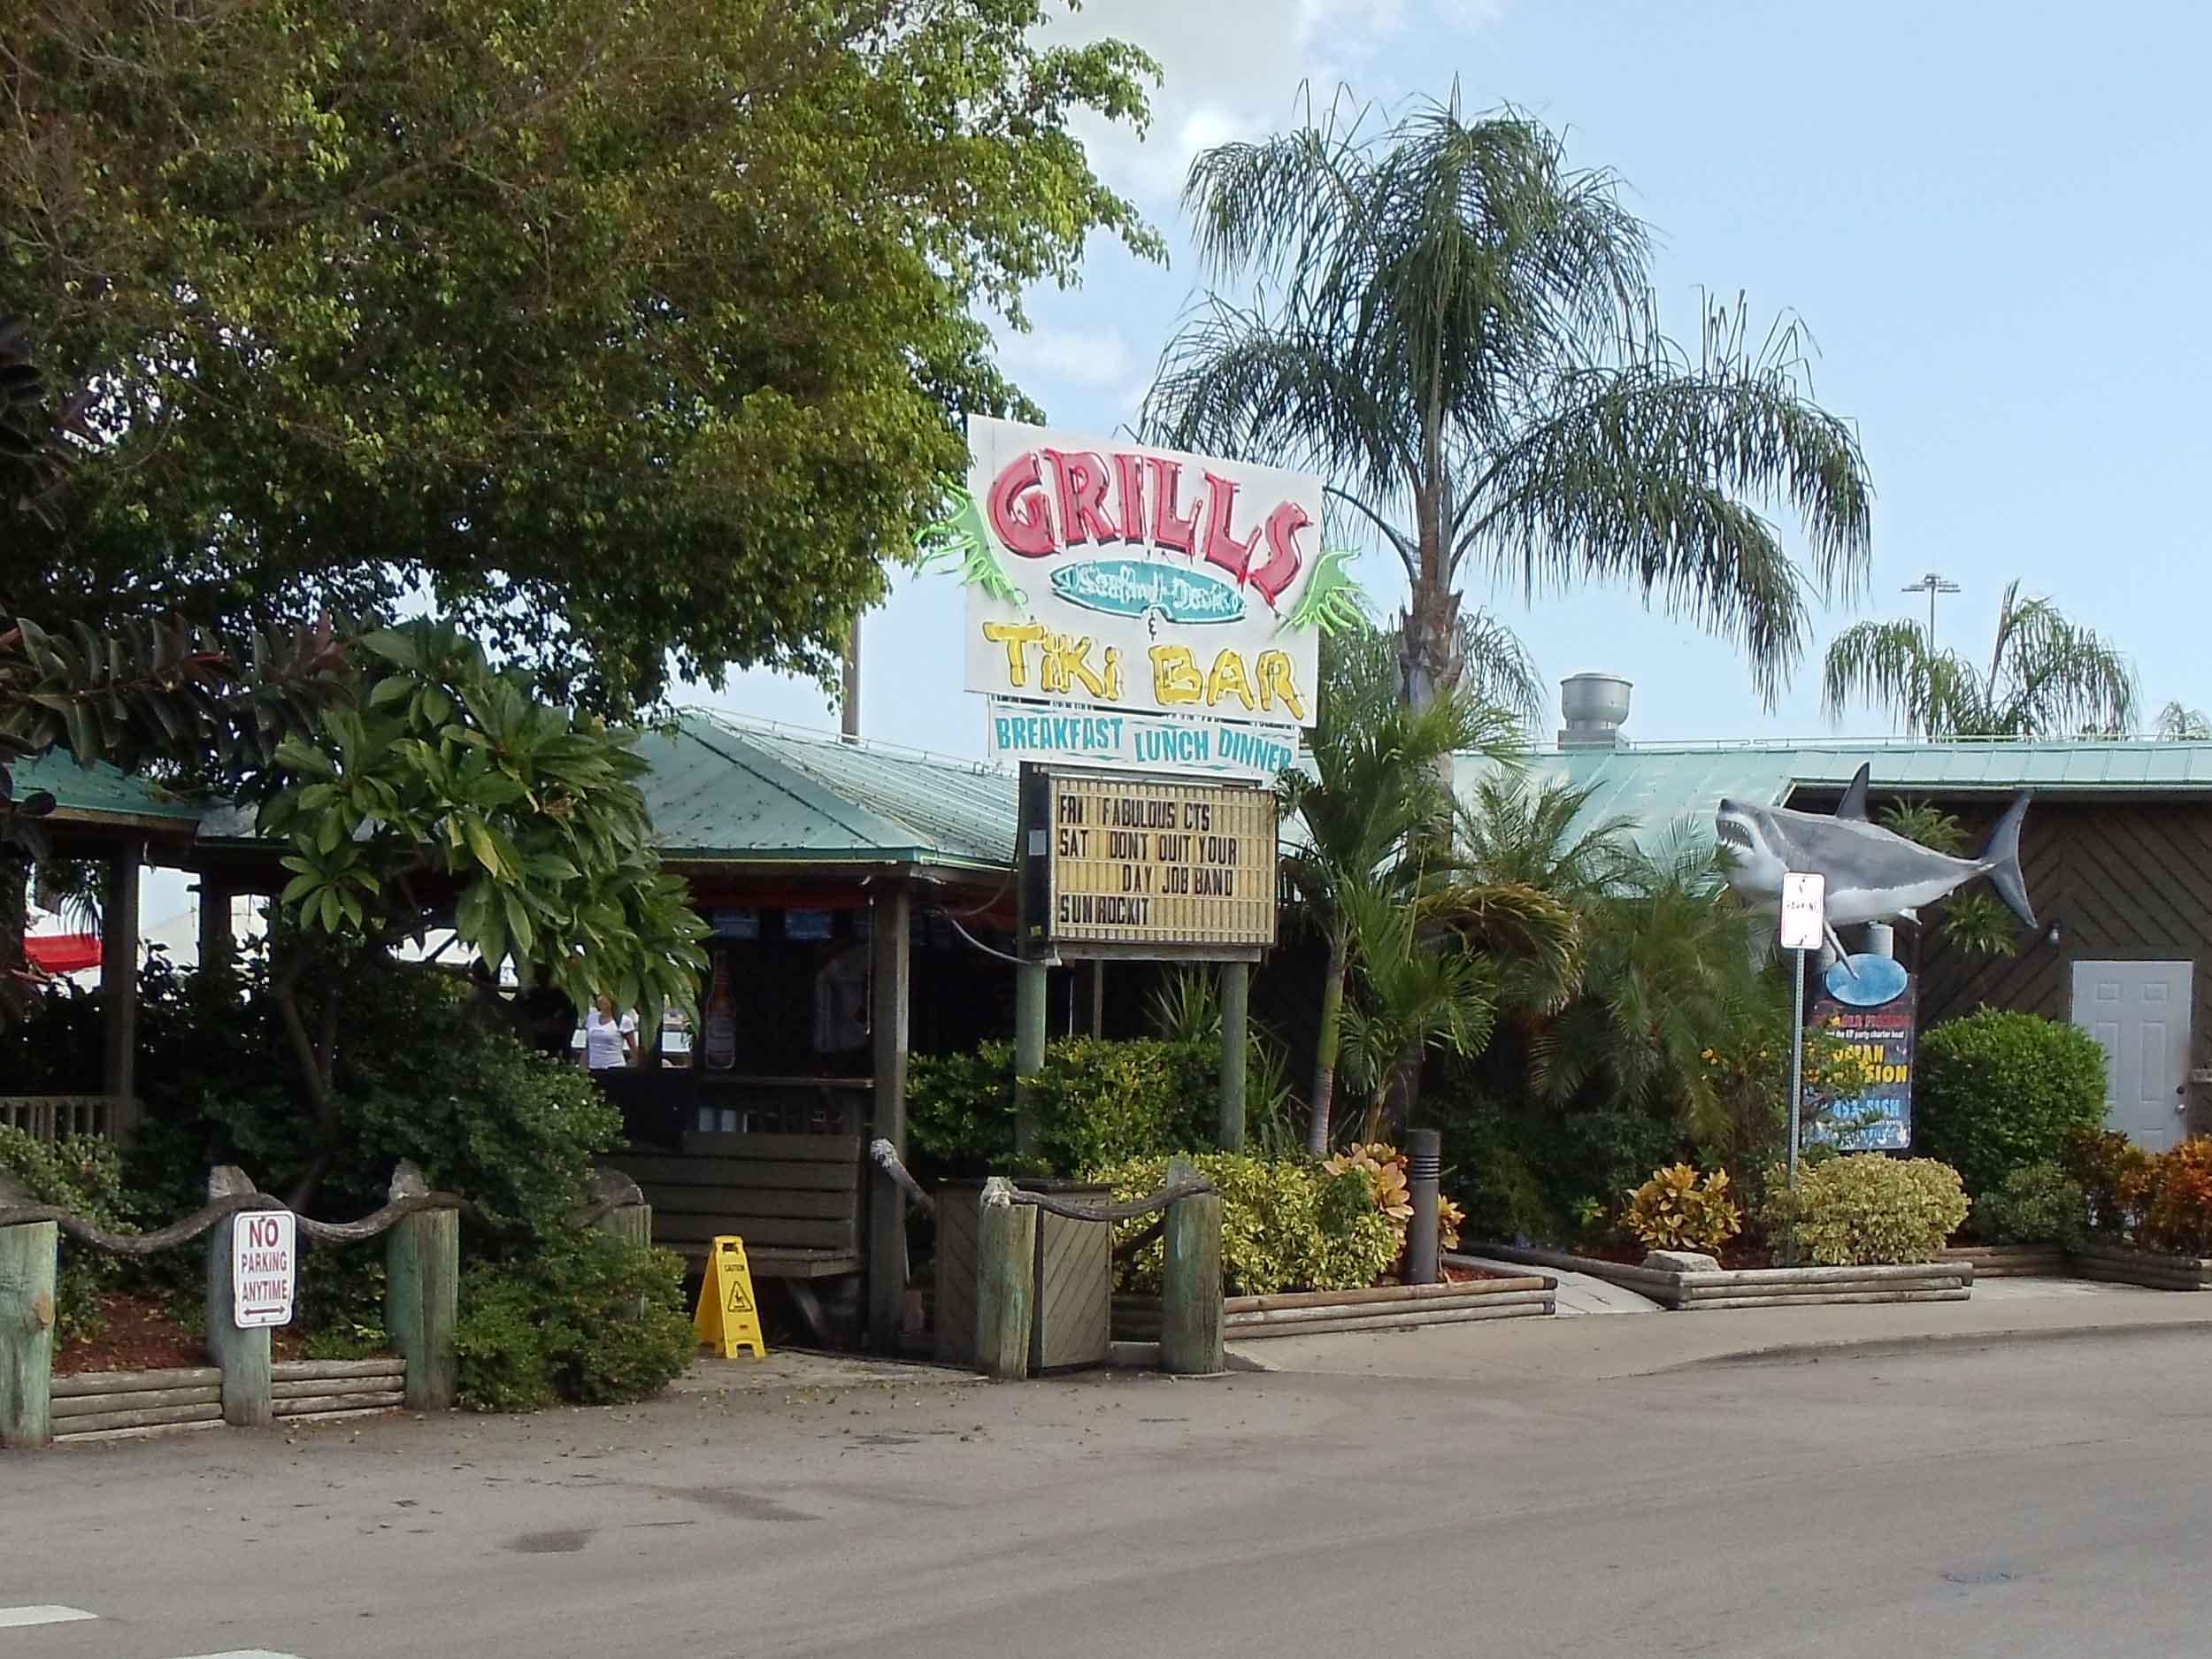 Grills Seafood Deck and Tiki Bar Entrance